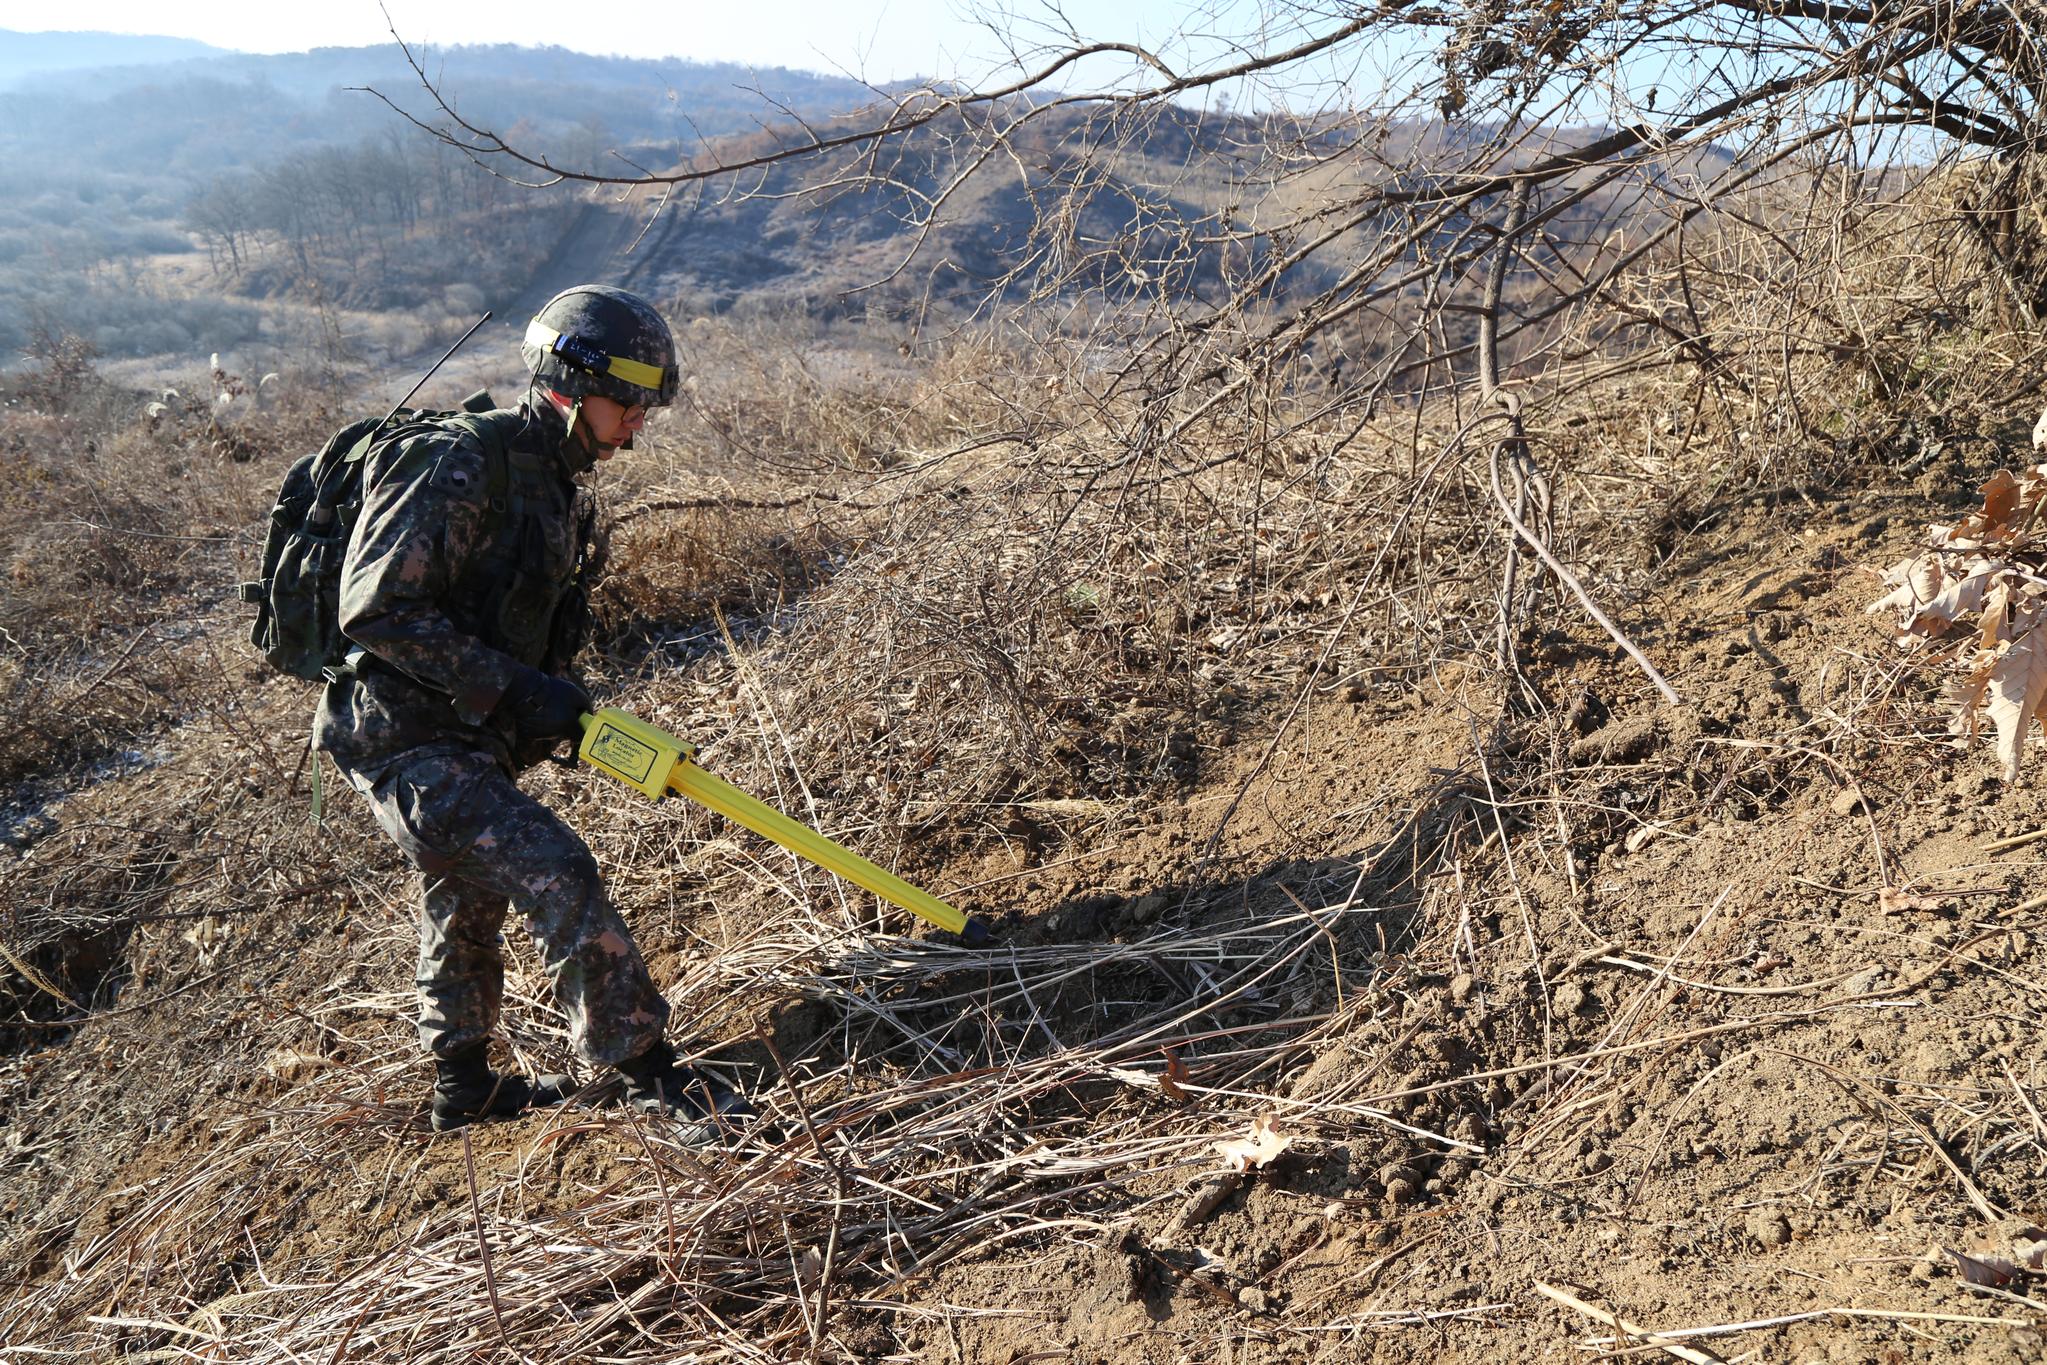 지난 12일 한국군 장병이 시범 철수ㆍ파괴하기로 한 북한군 GP를 검증하고 있다. 이 장병은 지하 갱도의 붕괴 여부를 확인하는 특수장비를 동원했다. 이날 남북은 11곳씩 모두 22곳의 GP를 상호검증했다. [사진 국방부]